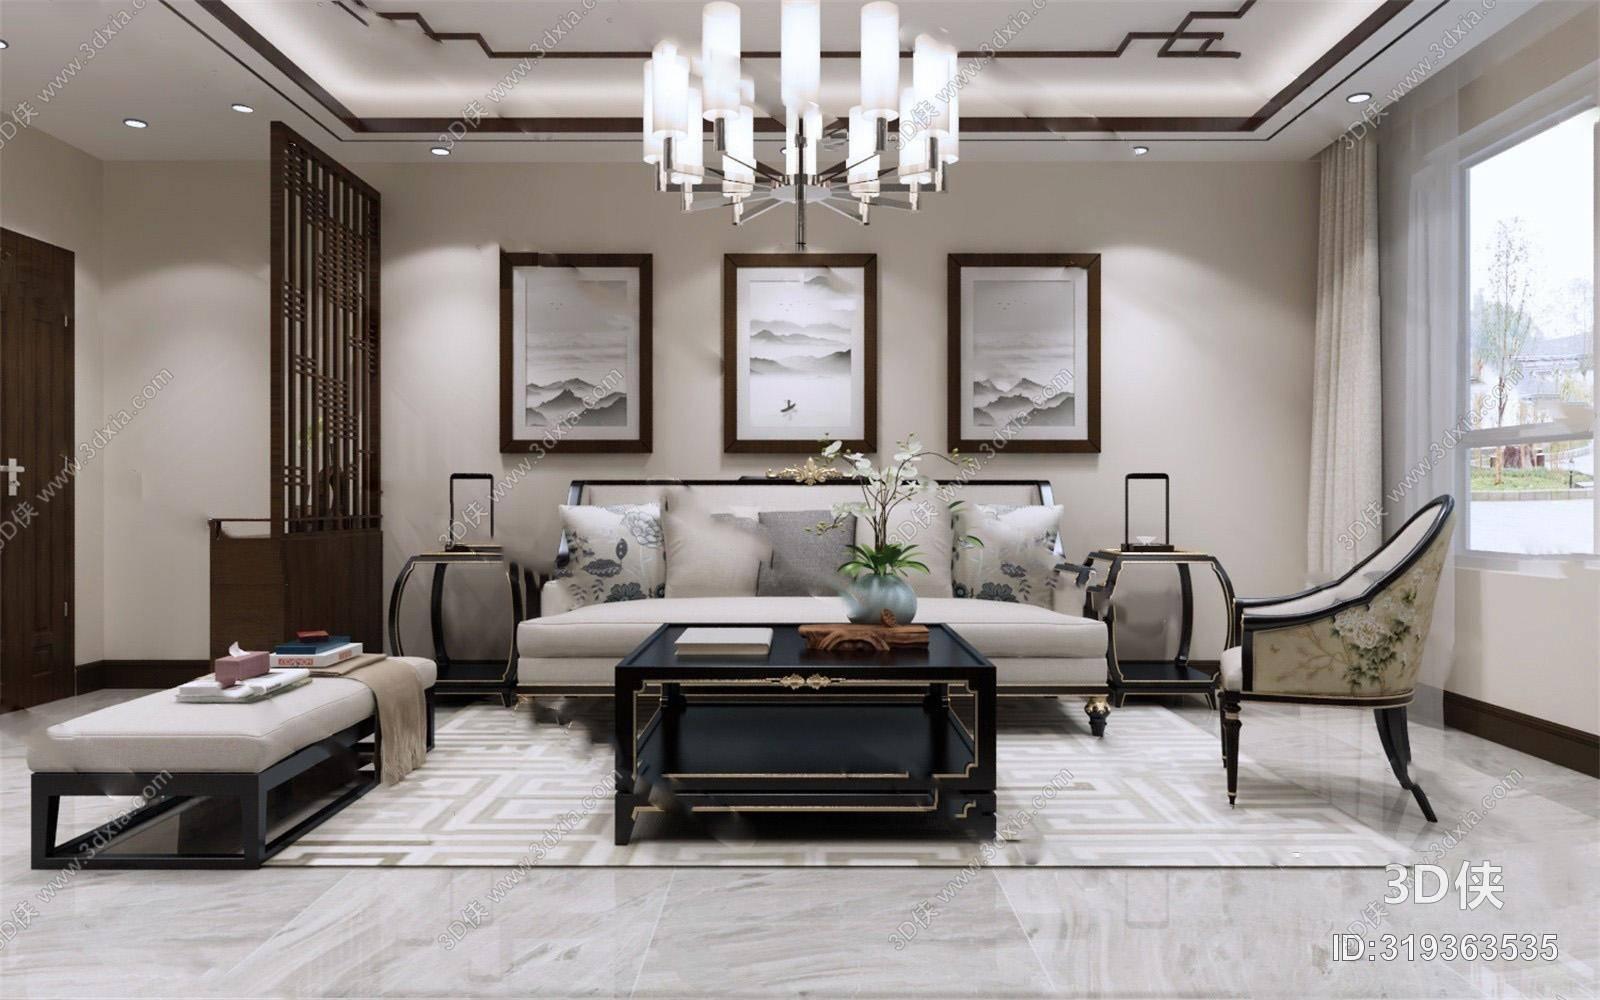 中式客餐厅3D模型 沙发凳 单人沙发 茶几 吊灯